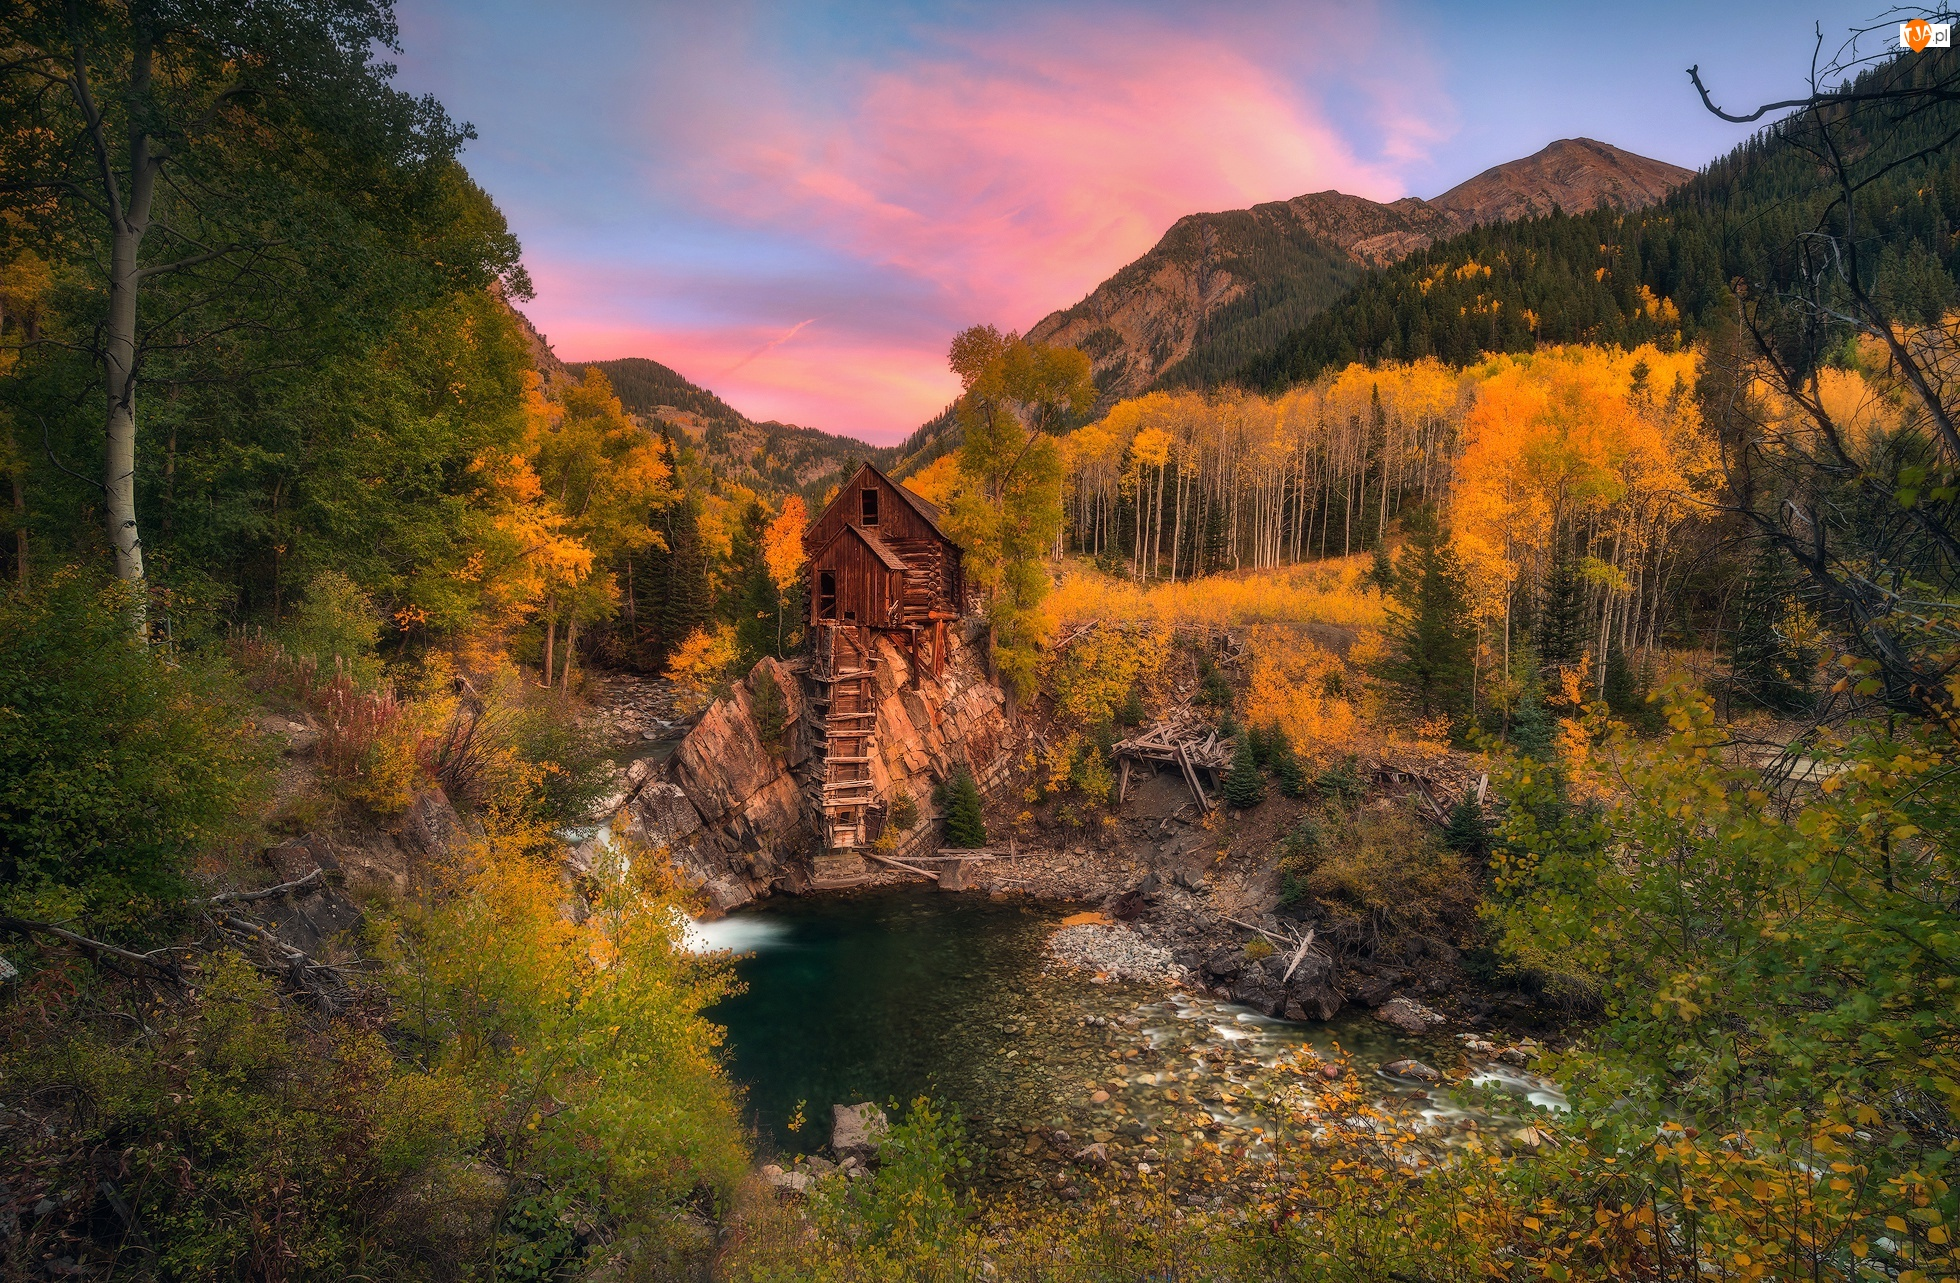 Stan Kolorado, Stany Zjednoczone, Młyn Crystal Mill, Drzewa, Rzeka Crystal River, Jesień